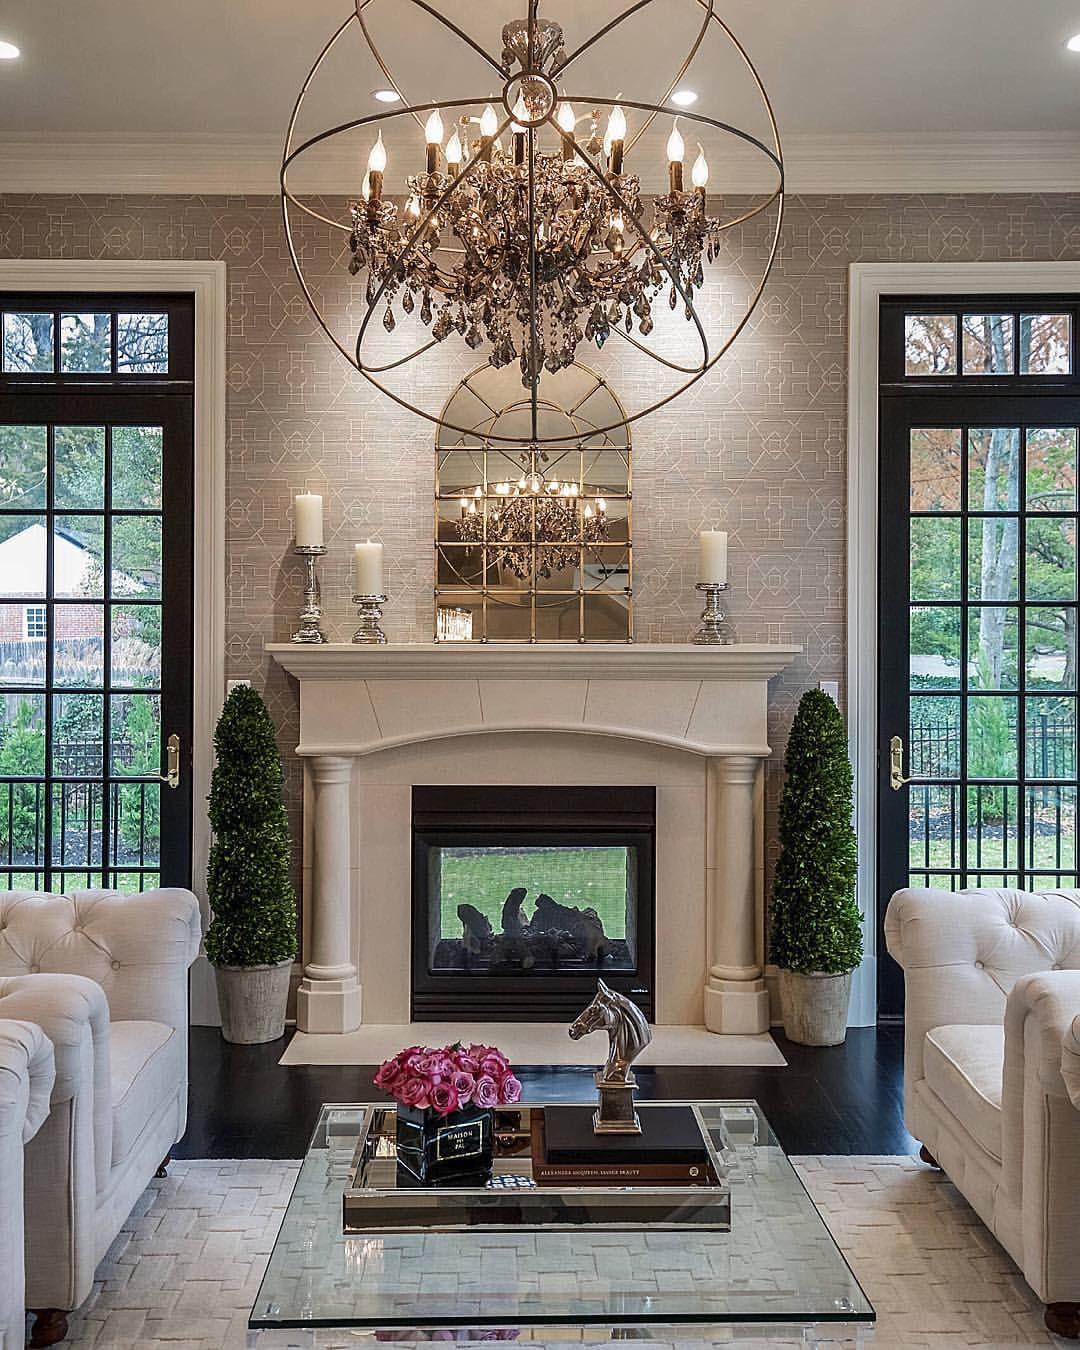 Ver decoracion de casas ver decoracion de casas decoracin en blanco y negro with decoracion - Ver decoracion de casas ...